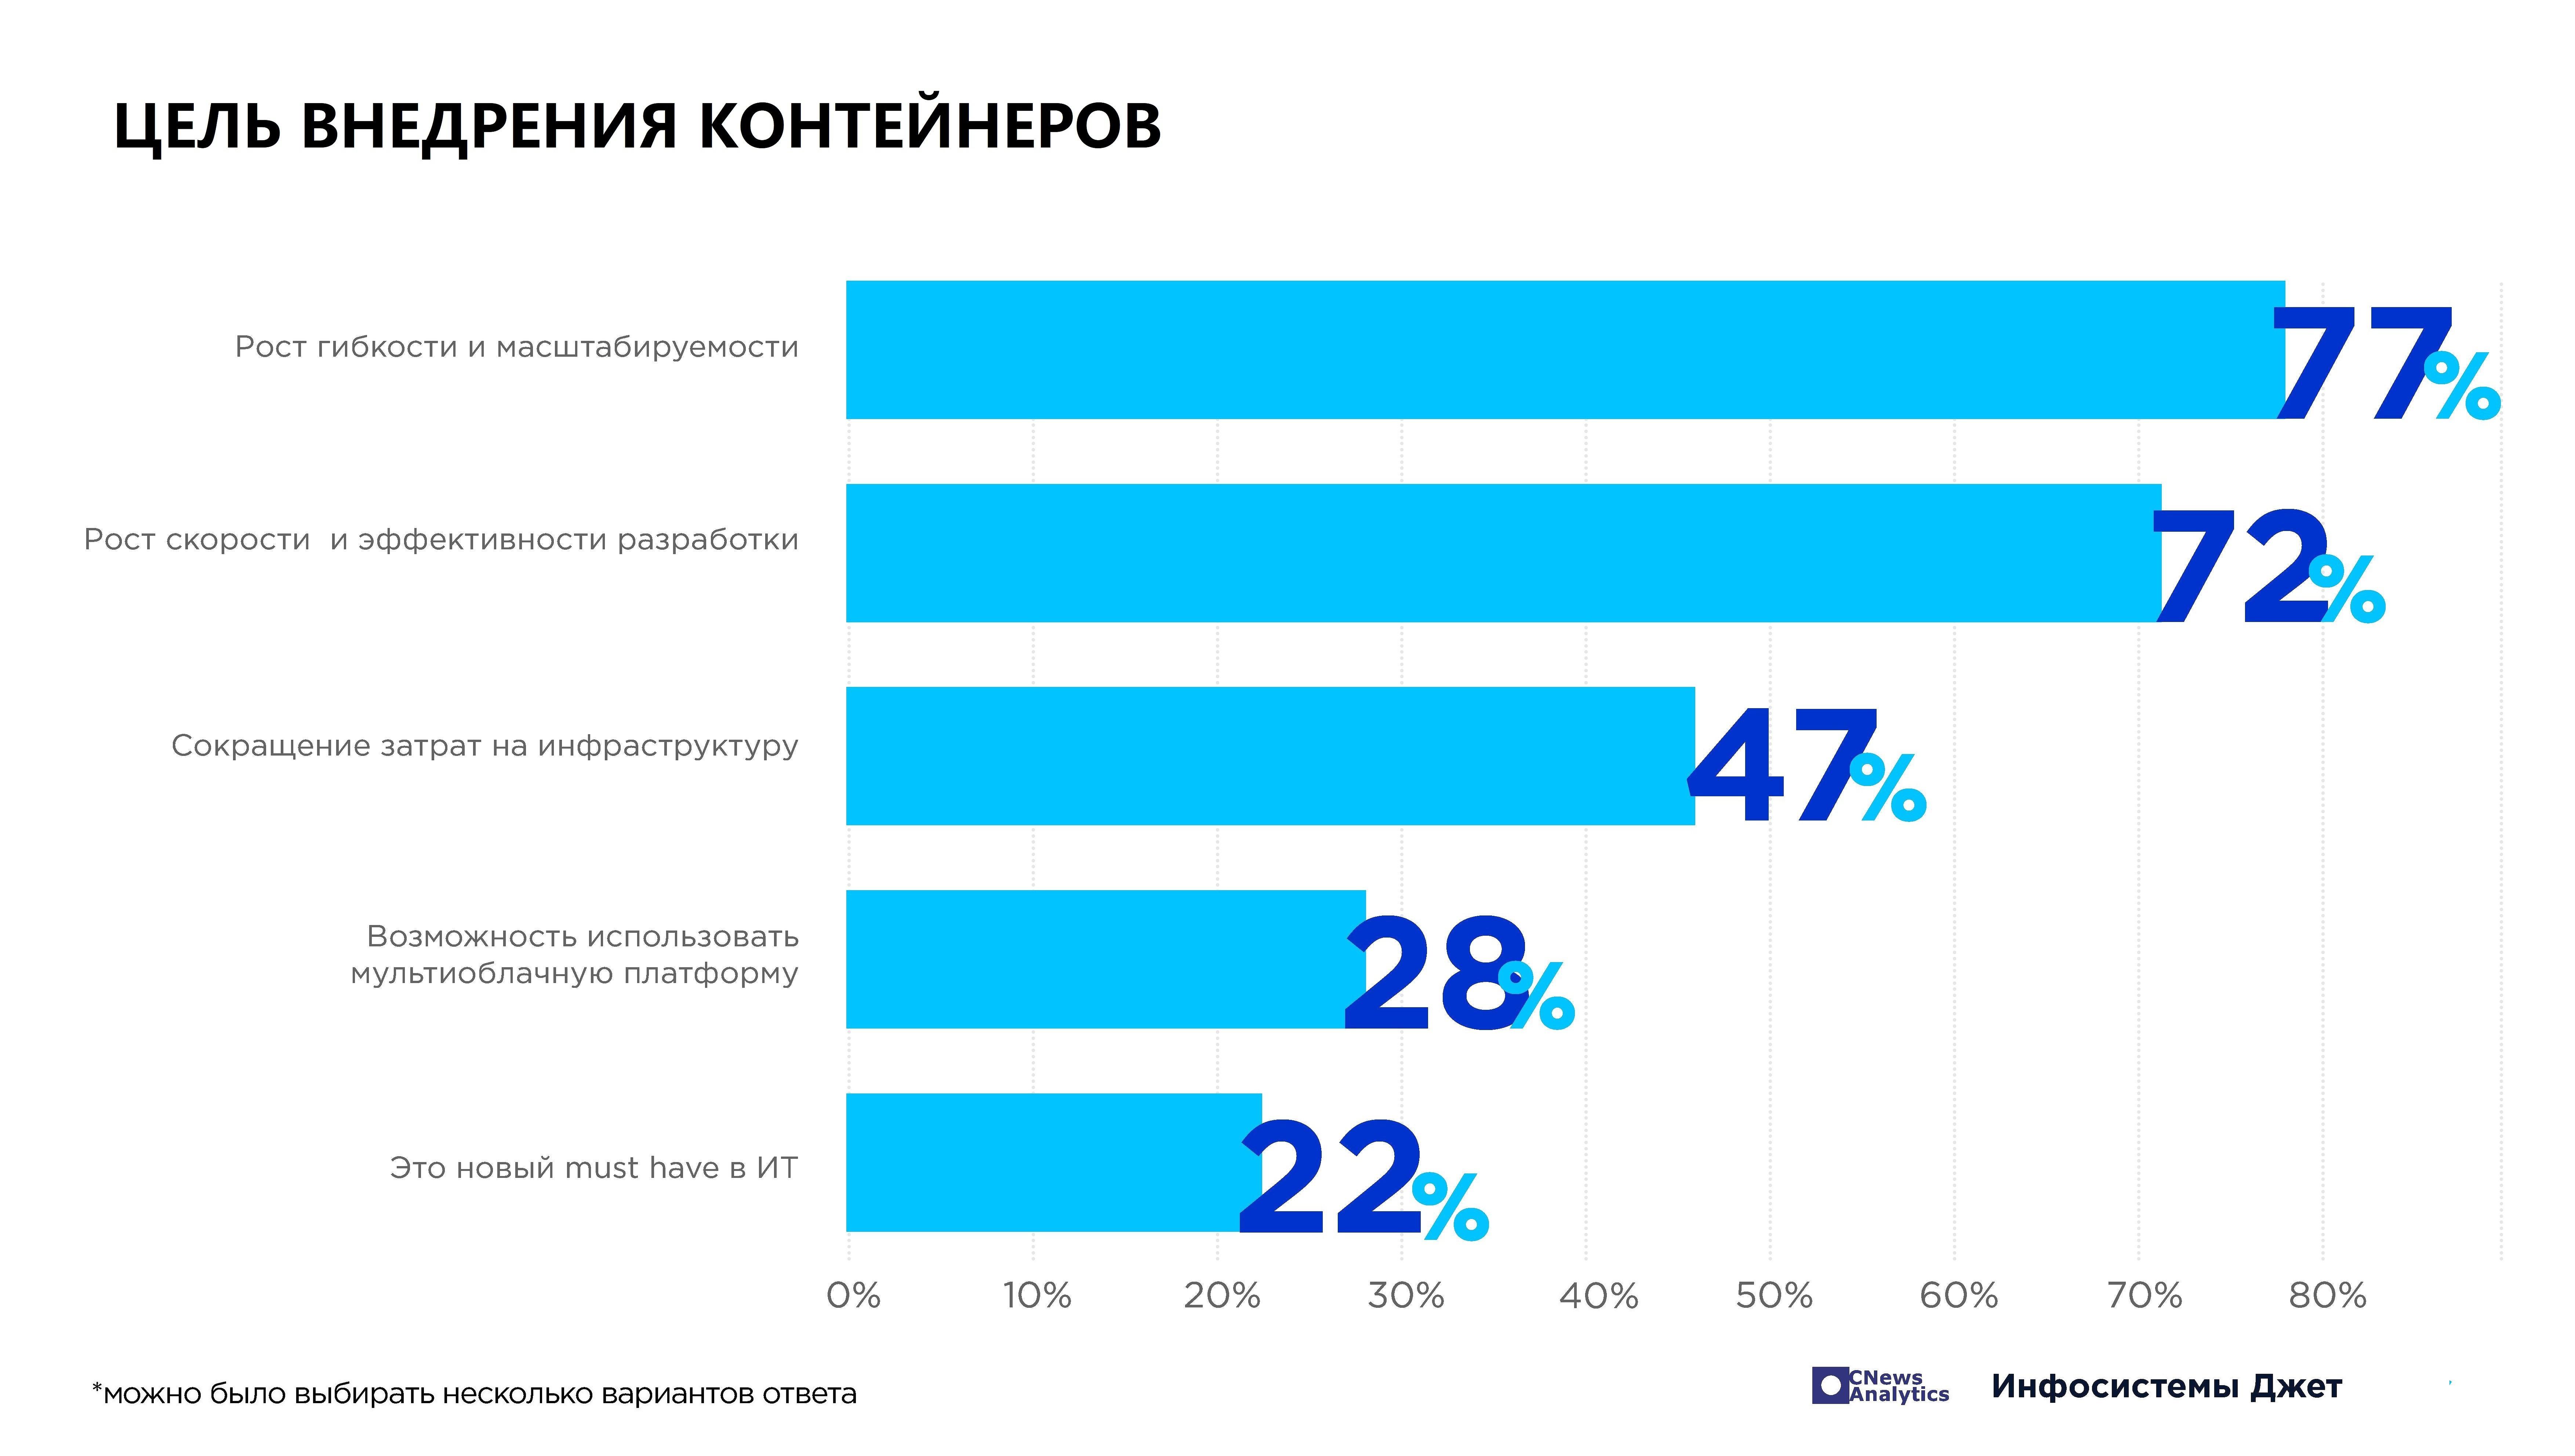 5_tsel_vnedreniya_kontejnerov.jpg